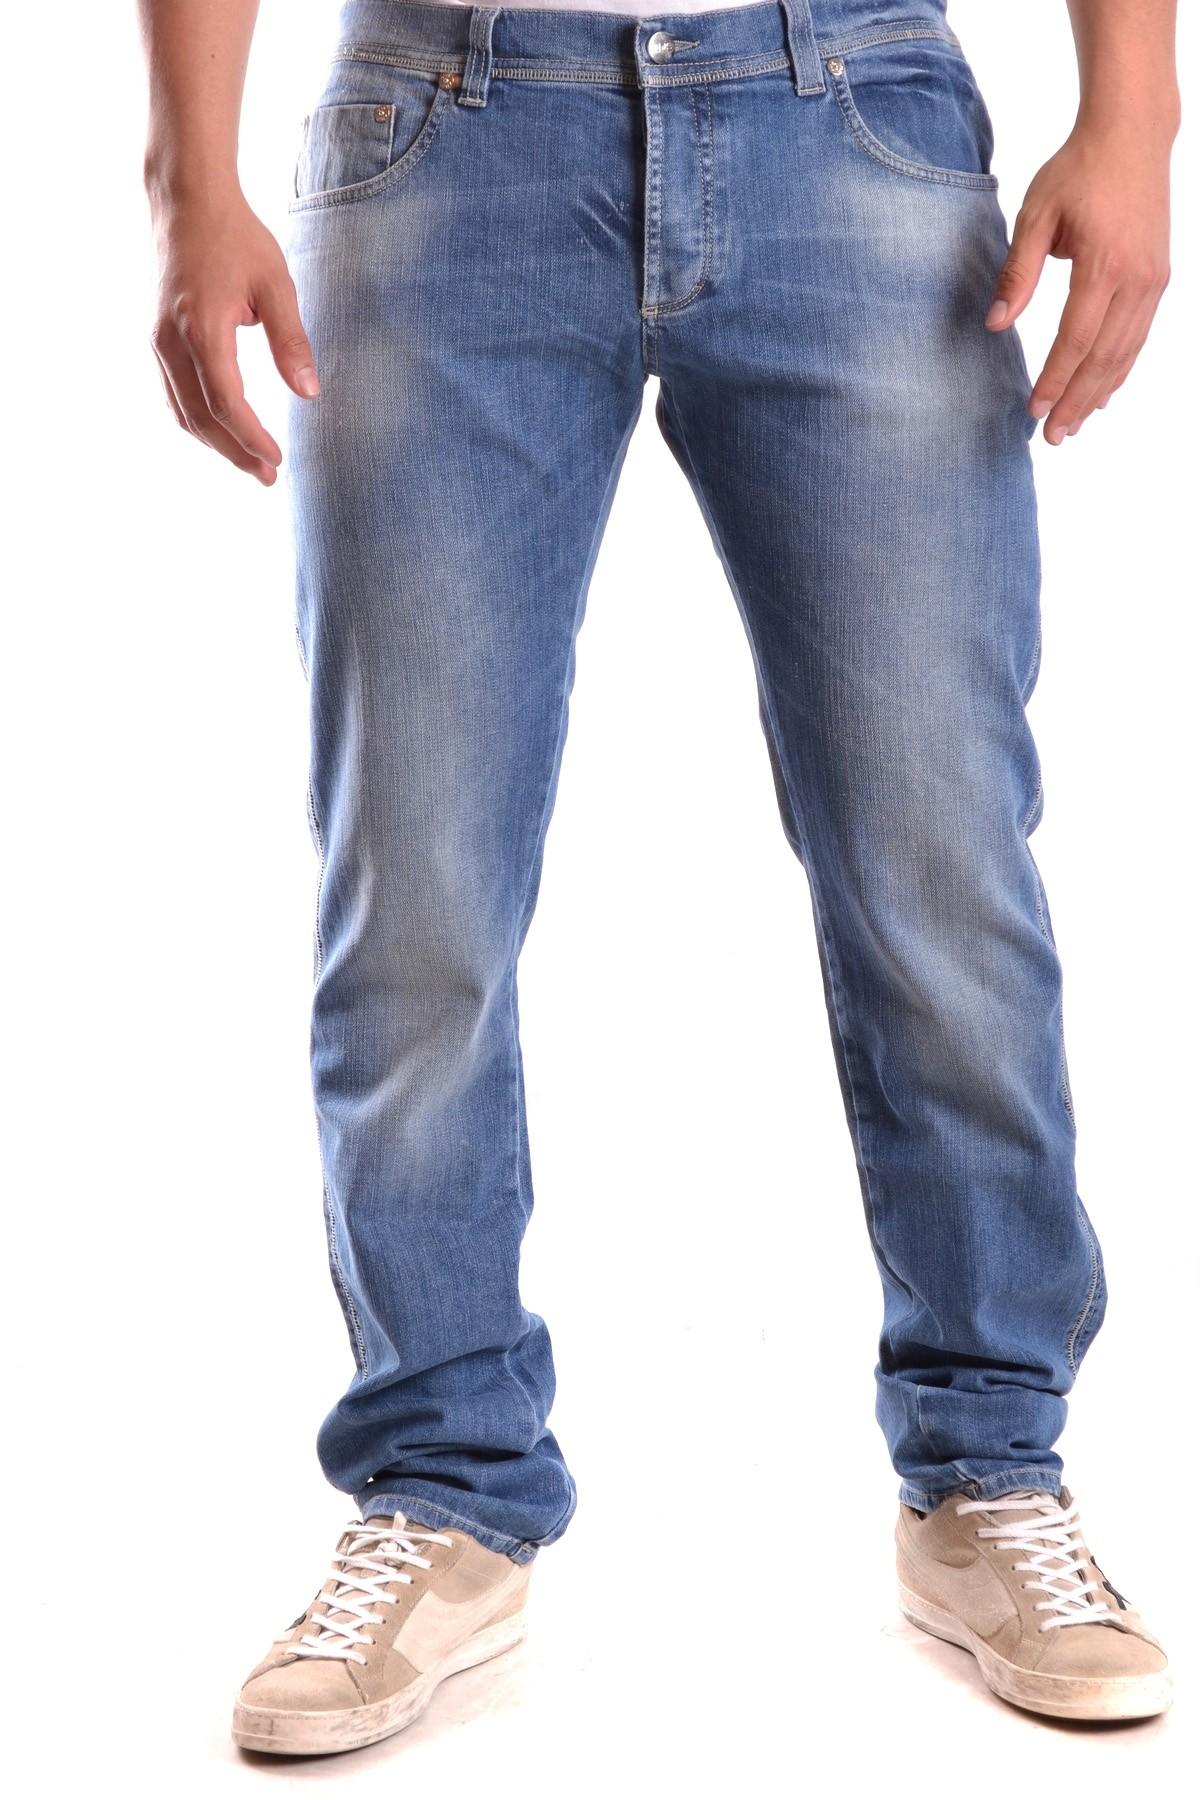 Marchio 4us Cesare Paciotti Genere Uomo Tipologia Jeans Stagione Primavera/…